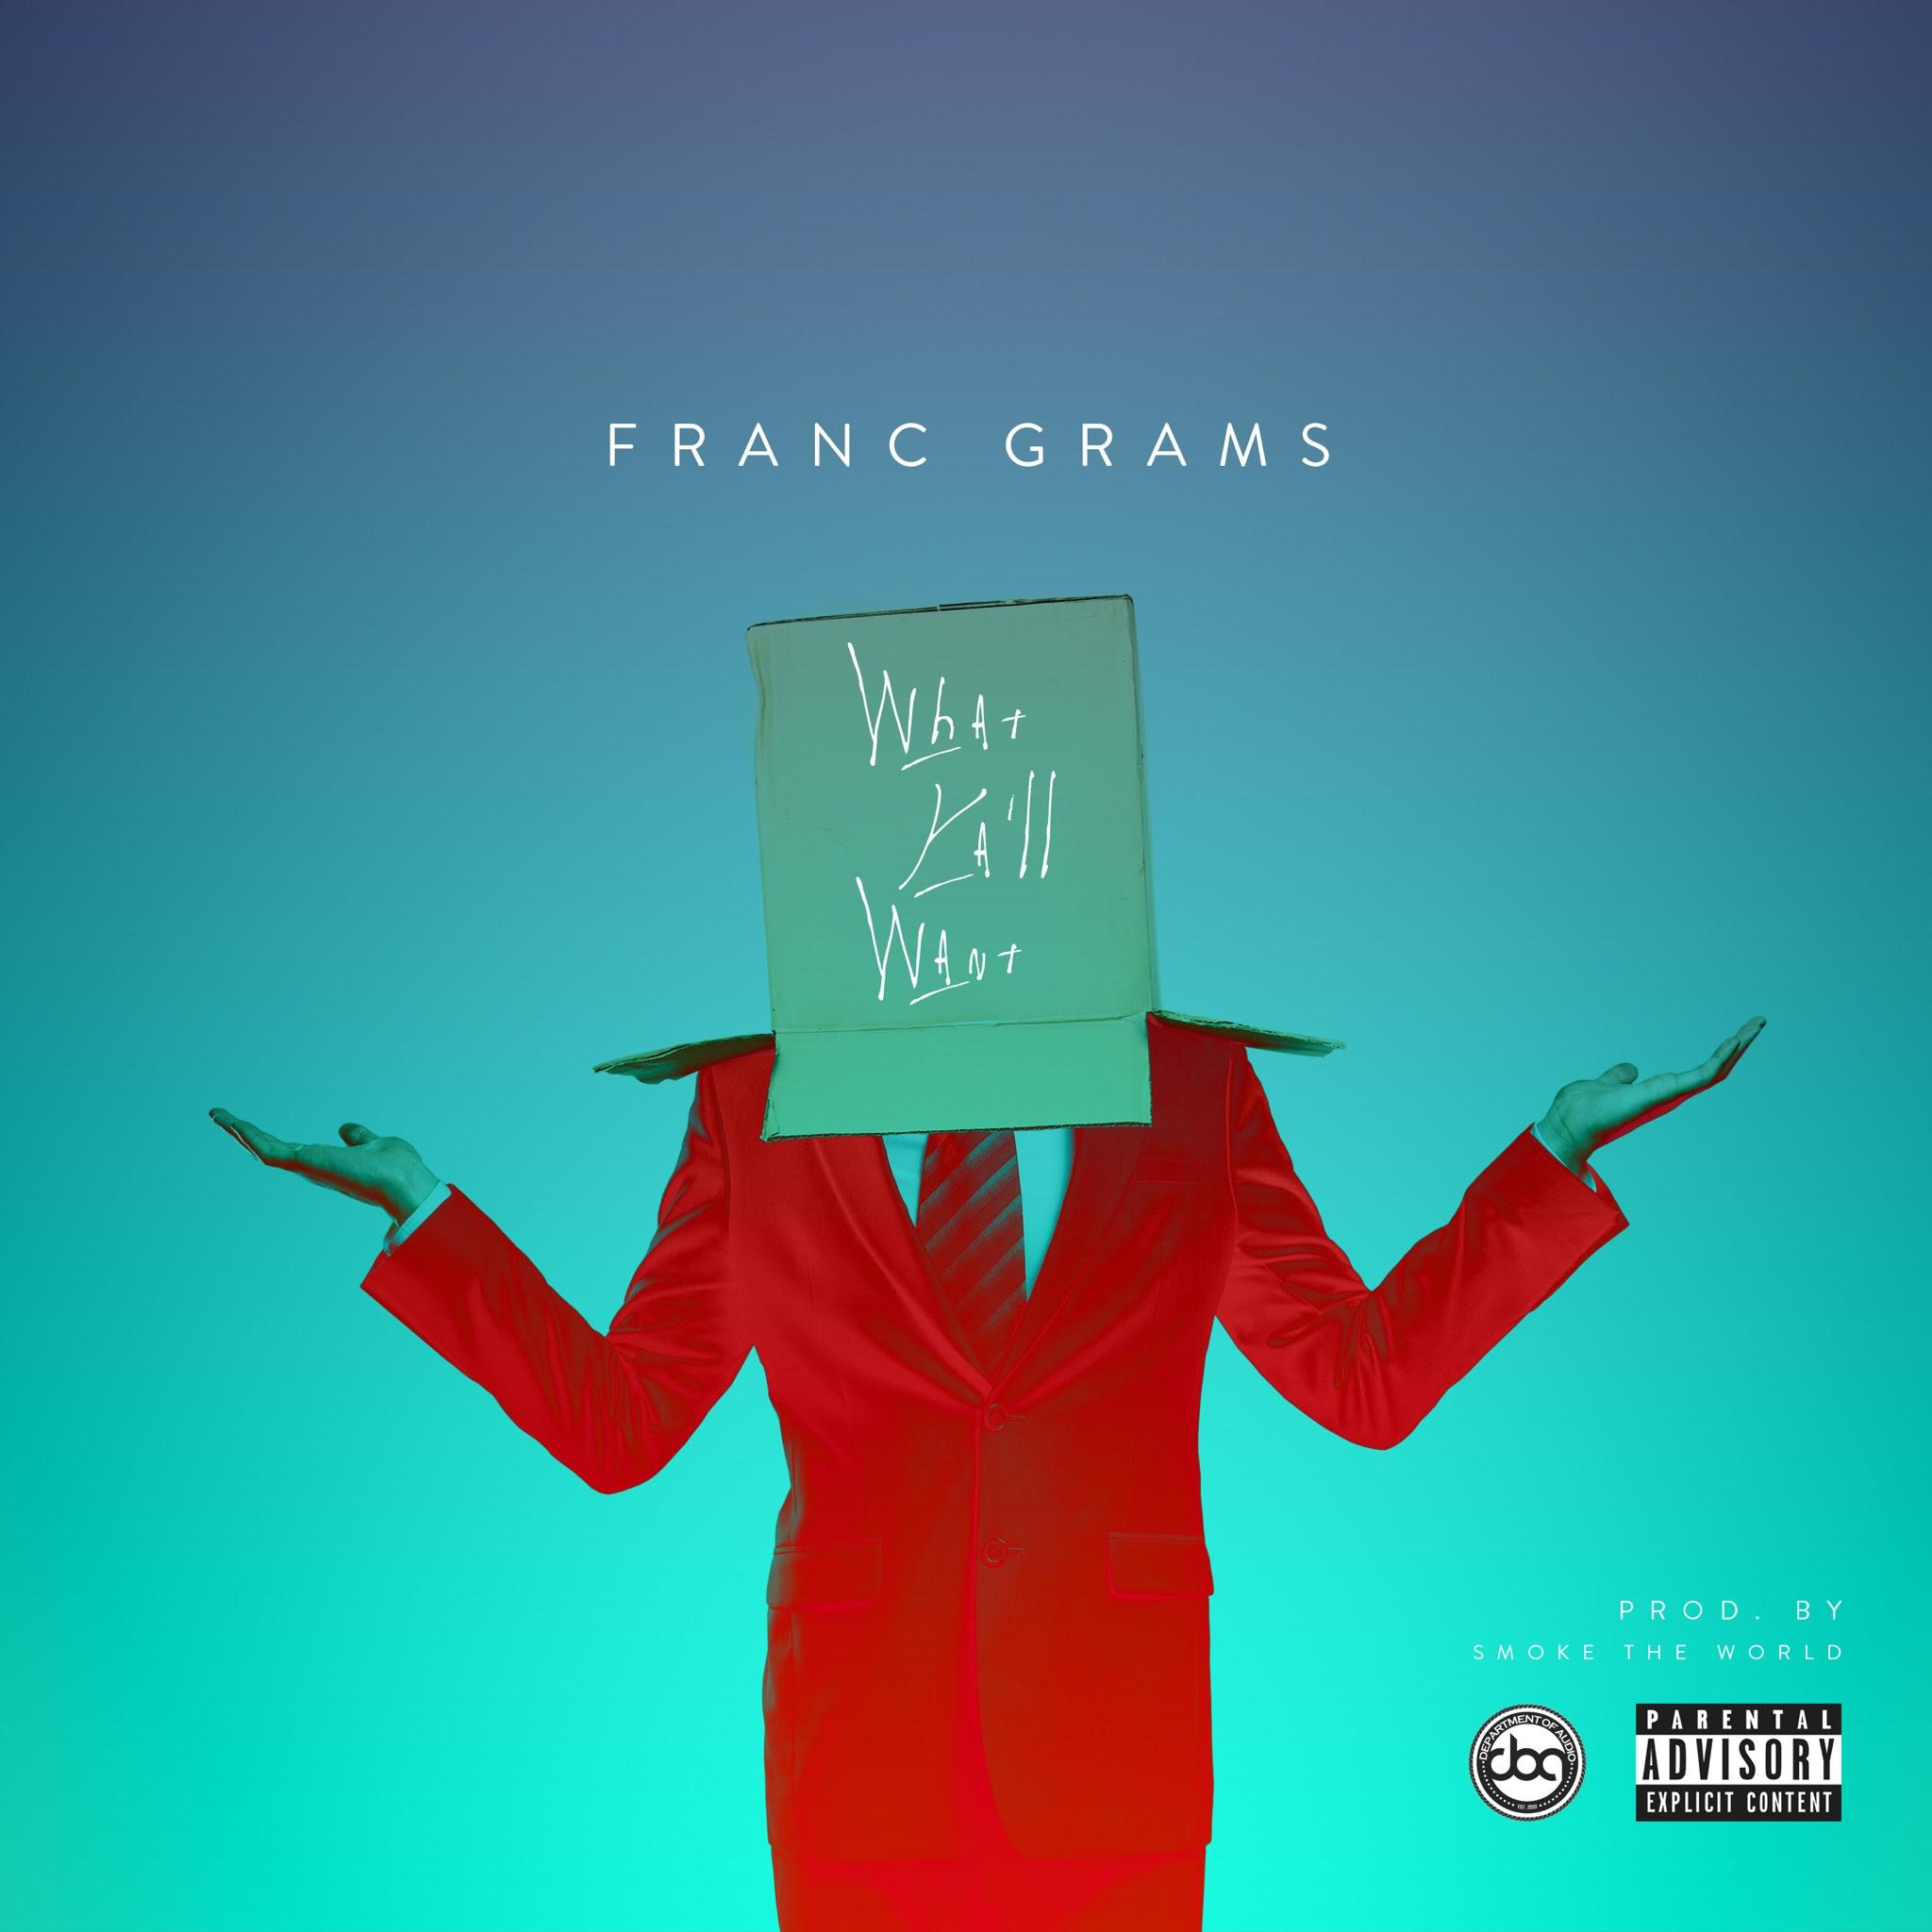 Franc Grams